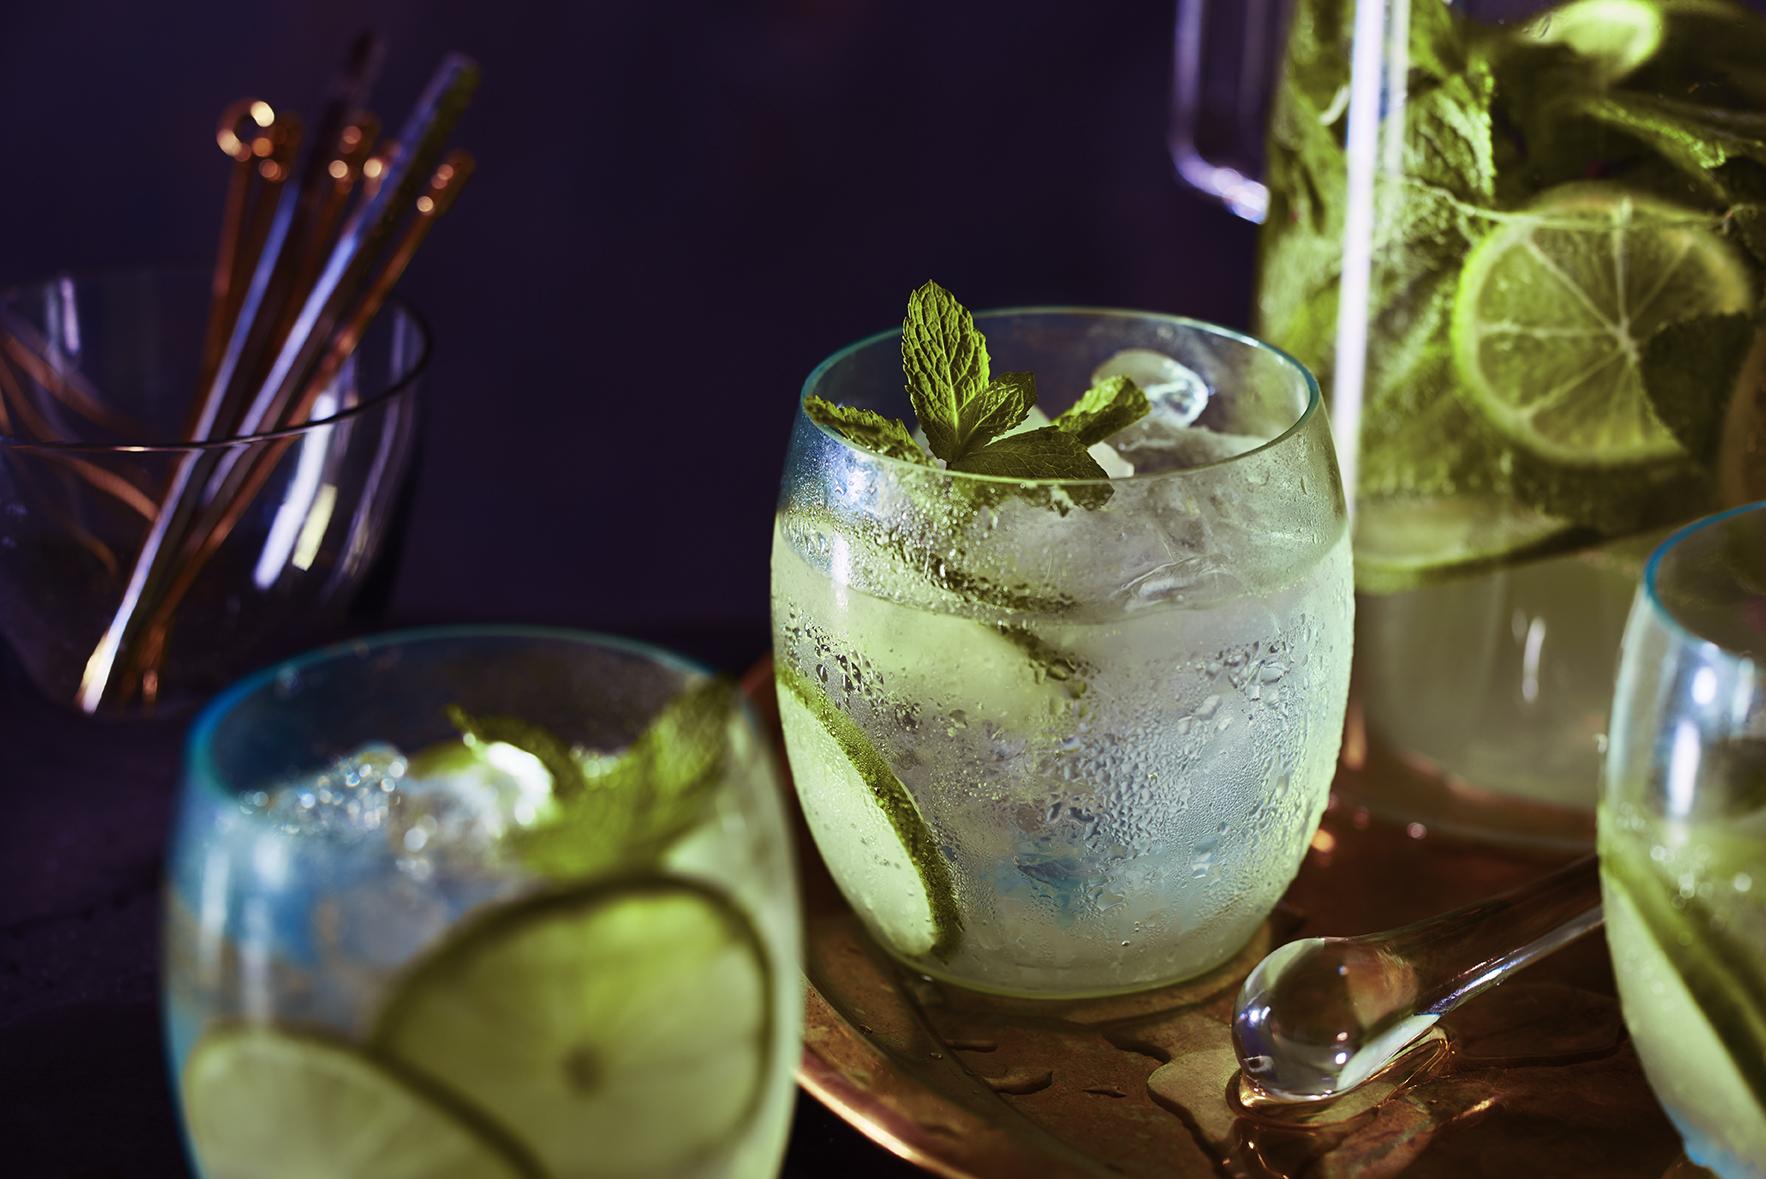 BL_CoconutLime_SparklingWine_Cocktail_HOR_308-2.jpg